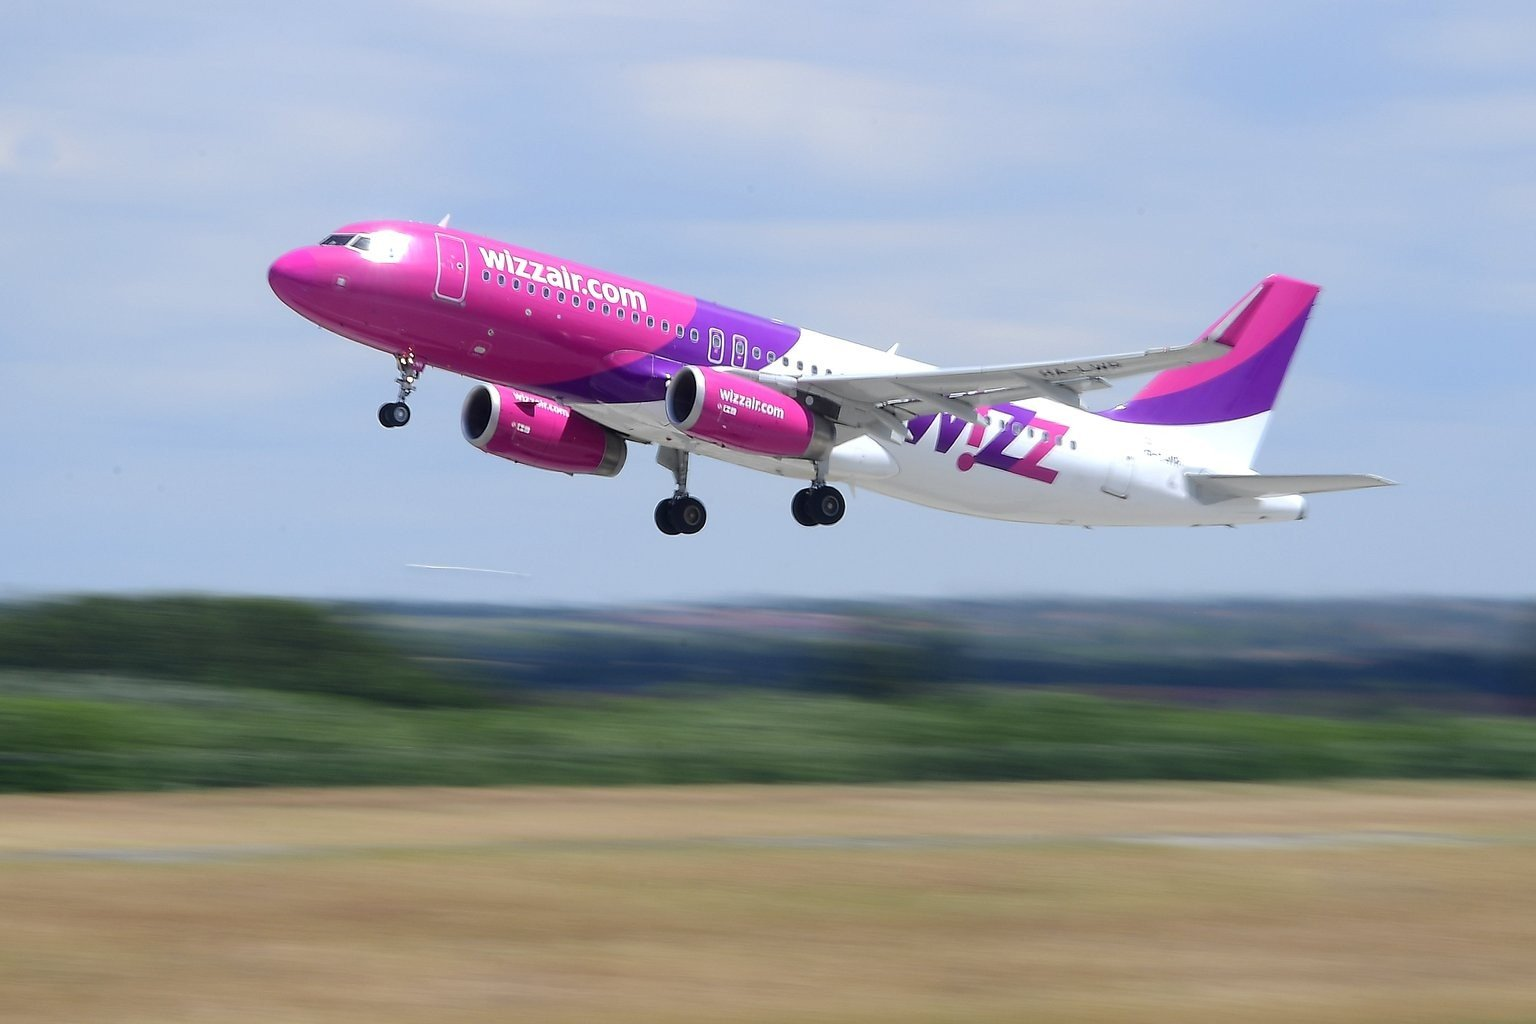 A történelem legbiztonságosabb évét podukálták a repülők